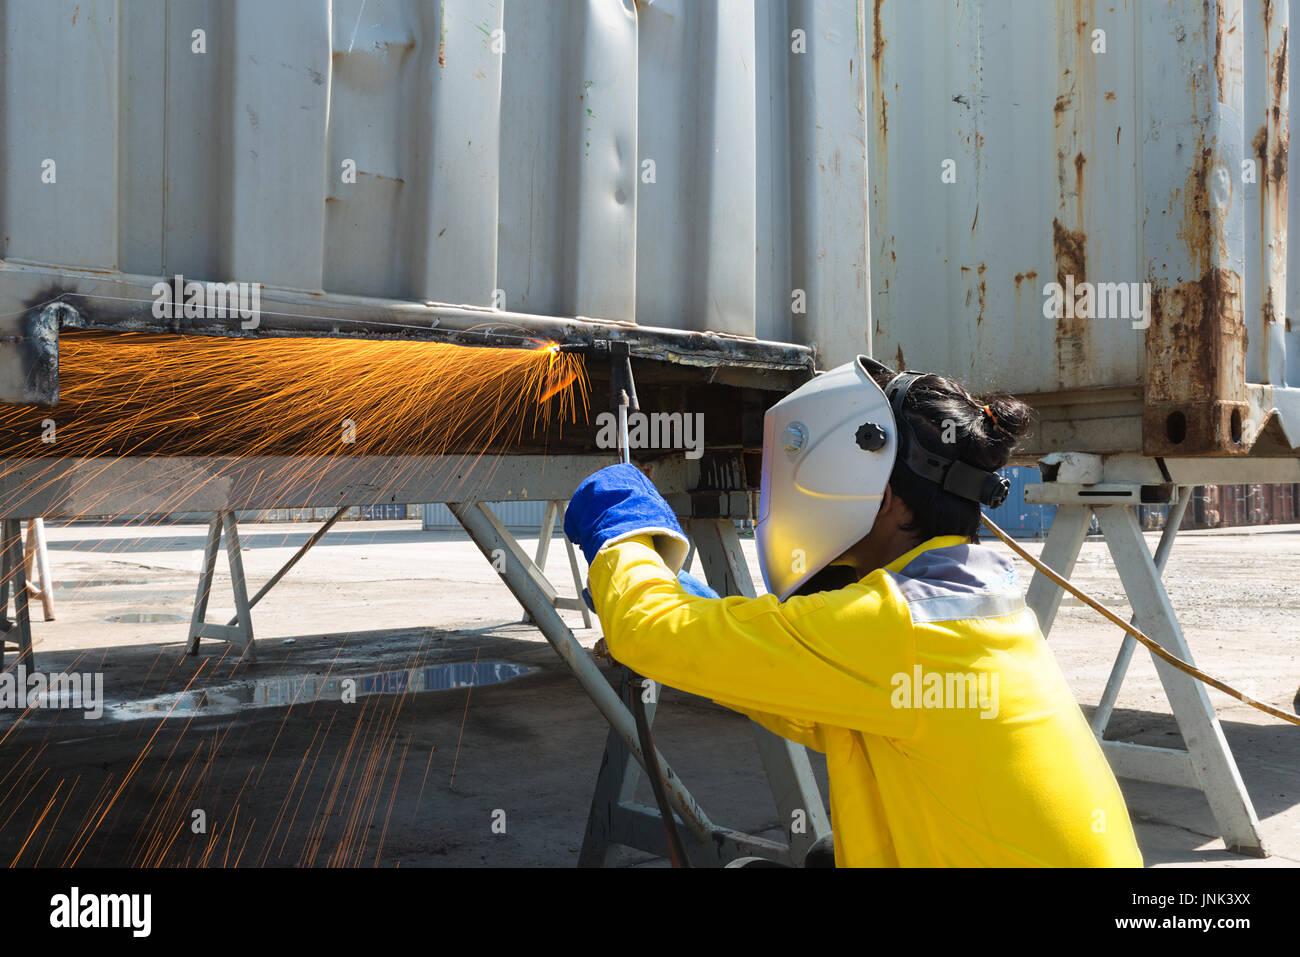 L'industria lavoratore con maschera protettiva in acciaio di saldatura per la riparazione di strutture di contenitore fabbricazione workshop. Lavoratore di saldatura in industria di fabbrica. Immagini Stock